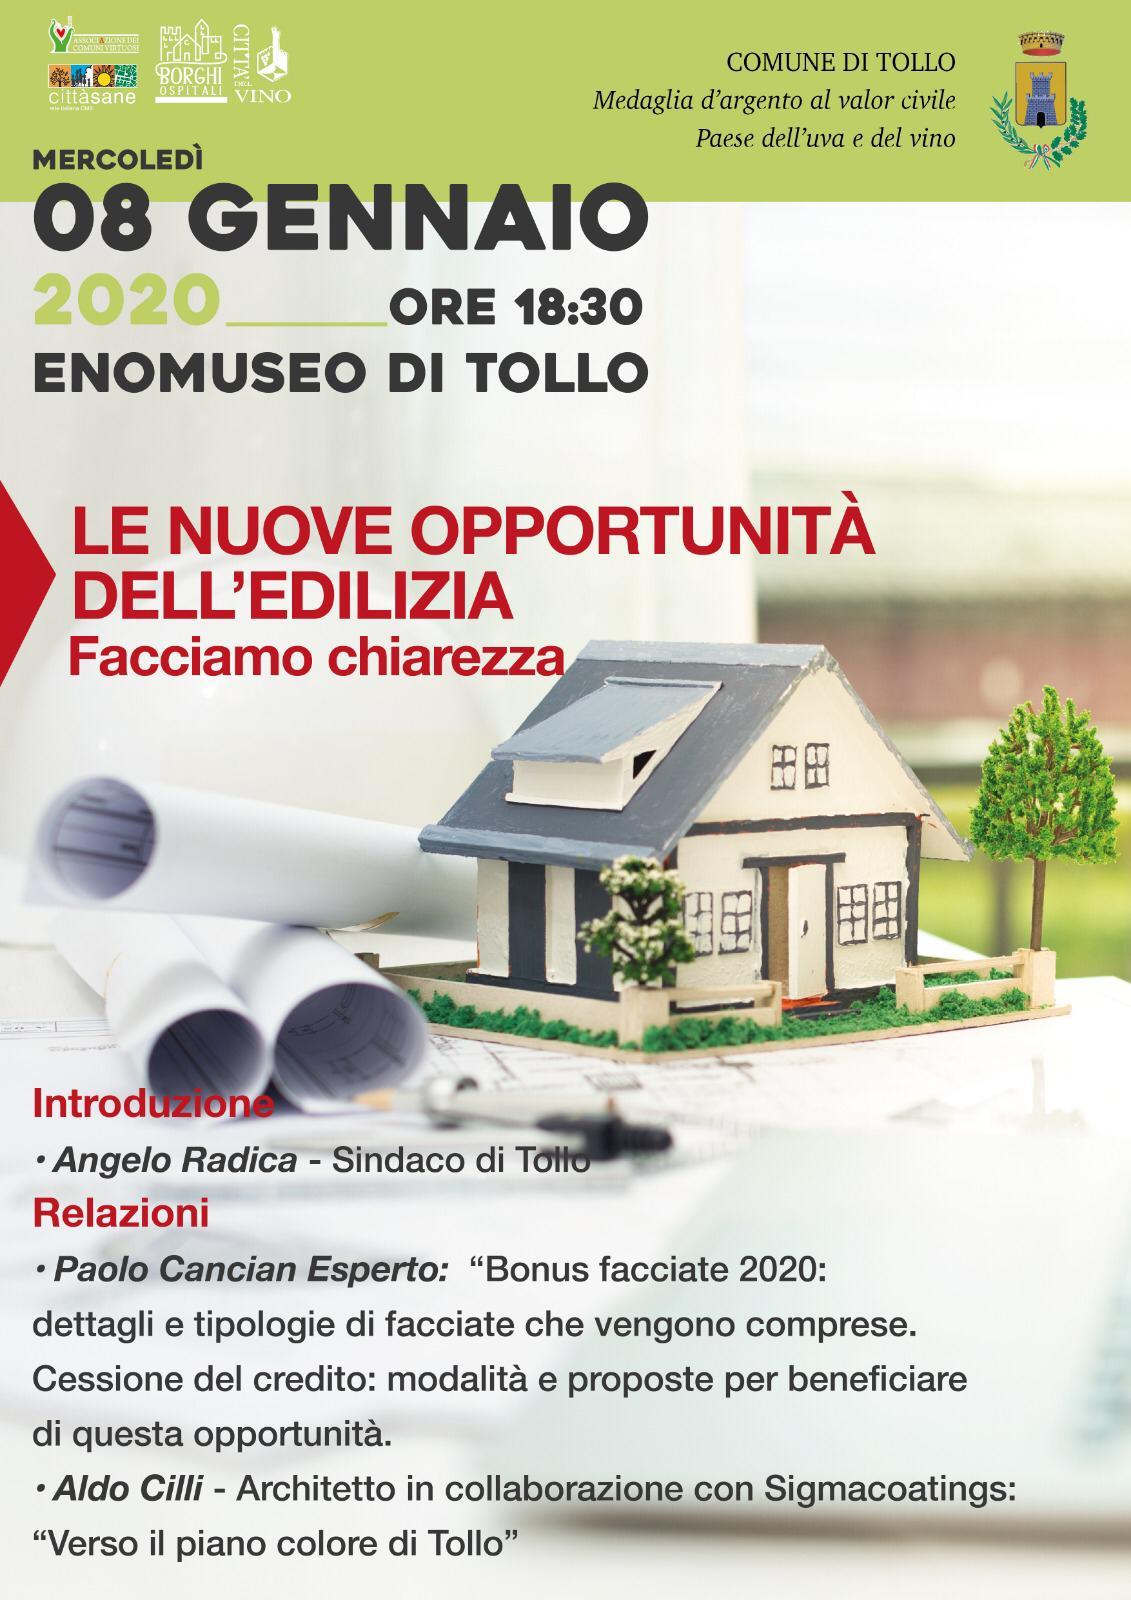 Novità nell'edilizia: all'Enomuseo incontro previsto per l'8 gennaio